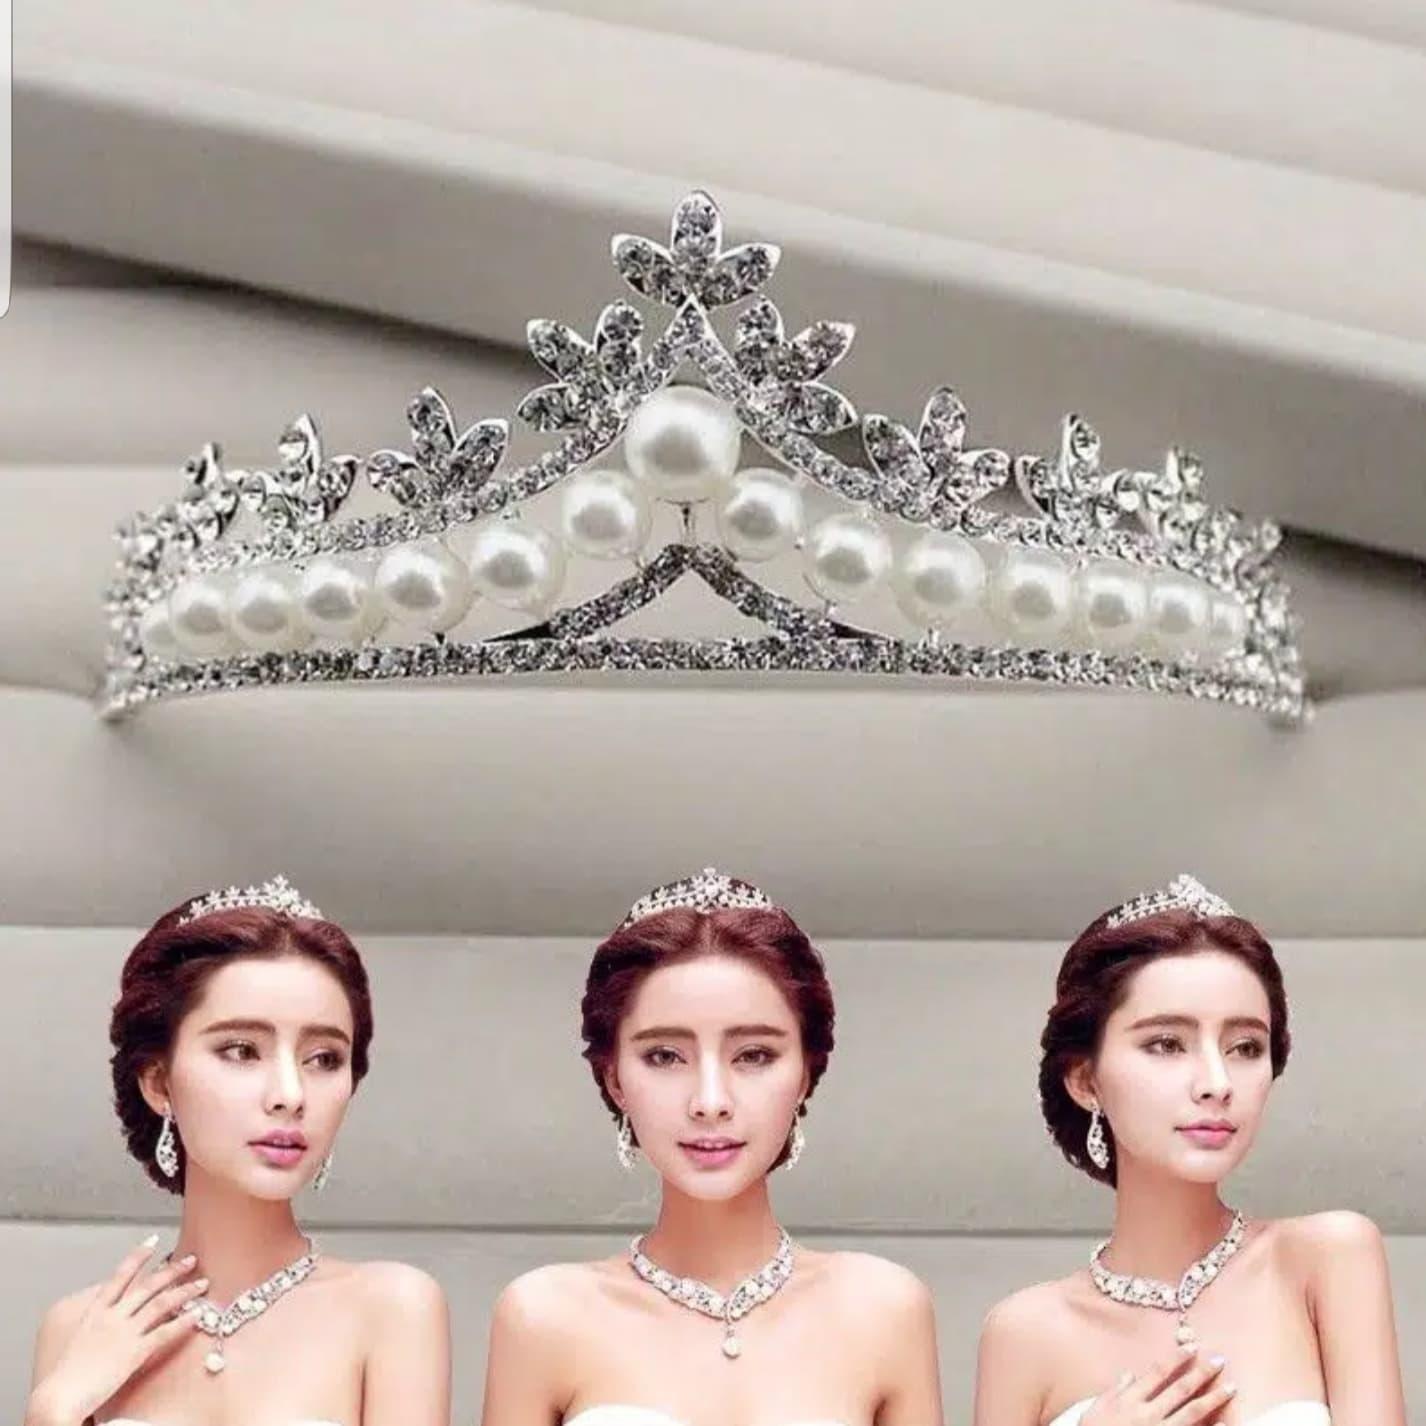 Mahkota Hiasan Rambut Tiara Crown Aksesoris Wedding Pesta Pengantin C2 thumbnail